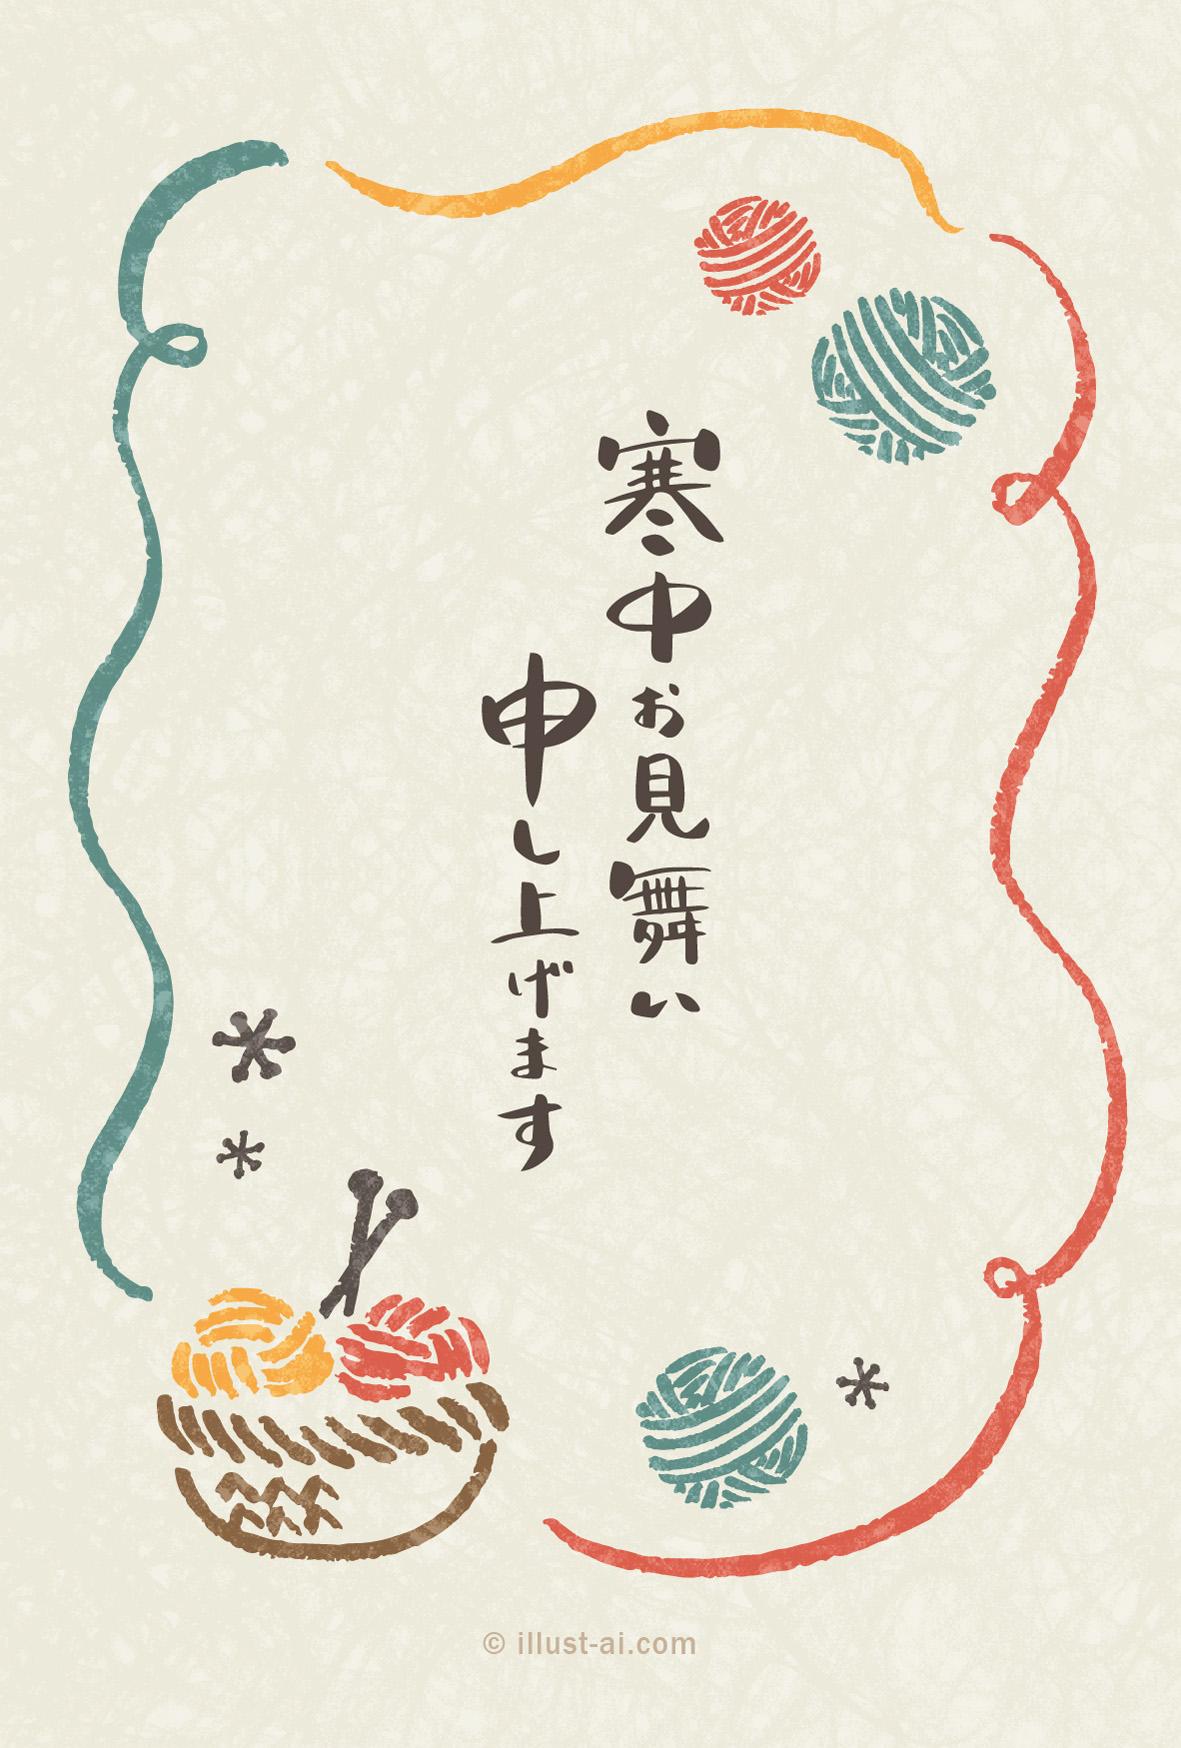 レトロ風な毛糸玉のイラスト 寒中お見舞い2019 ポストカード